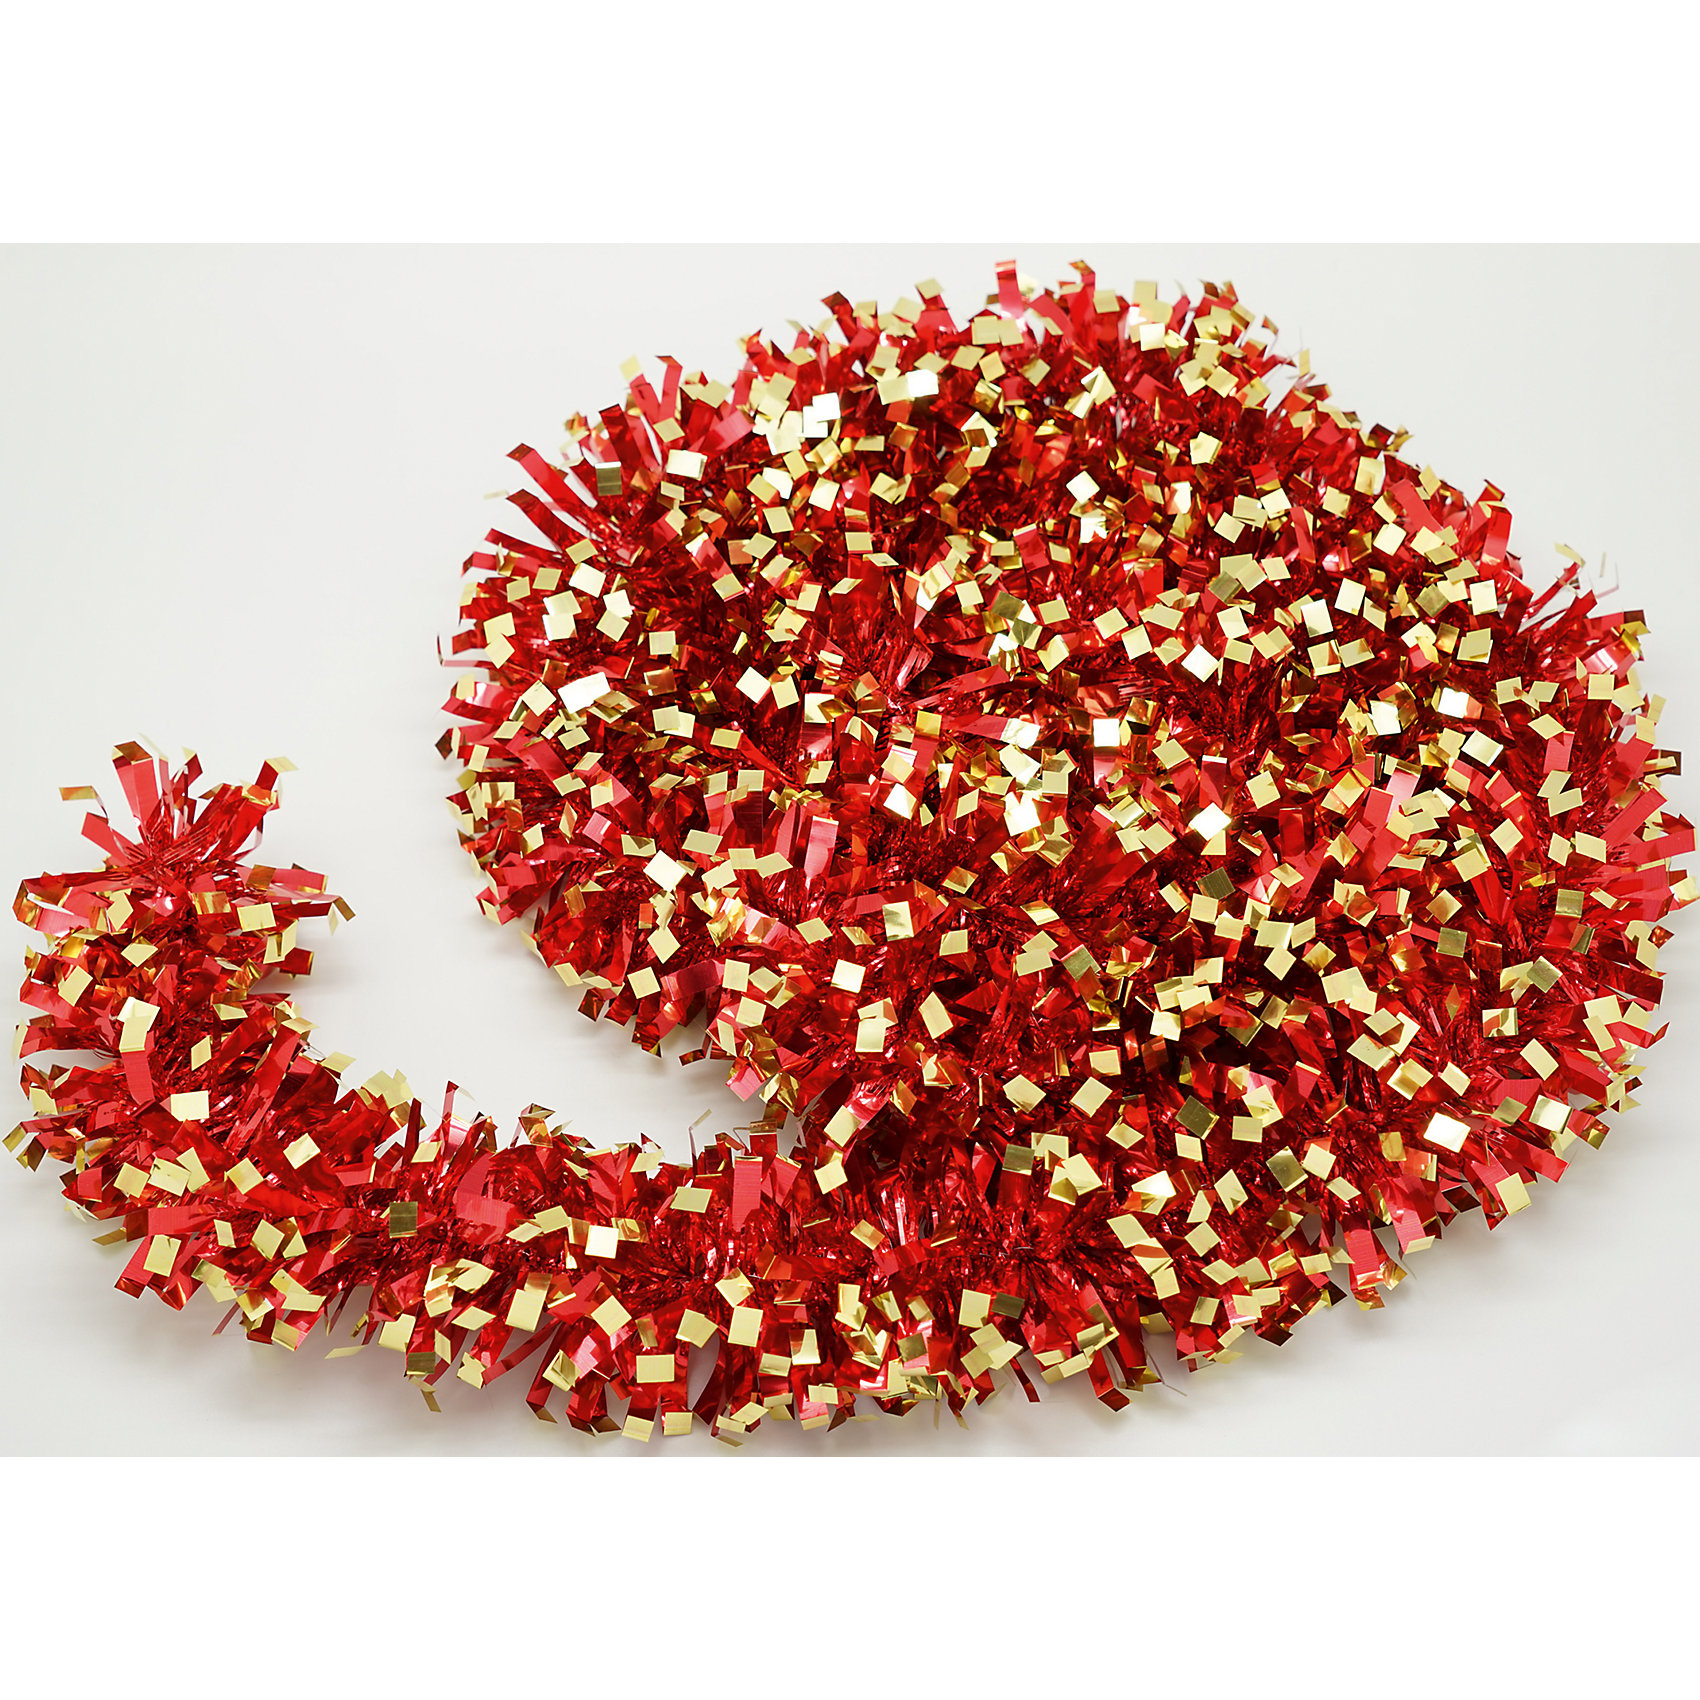 Новогодняя мишура, красная с золотом 9х200Мишура новогодняя красная с золотом 9х200 арт.16503 Мишура идеально подойдет для оформления Вашего новогоднего праздника.<br>Из Мишуры очень просто воплотить Ваши дизайнерские идеи в  жизнь, благодаря тонкой проволке внутри, мишура легко принимает ту форму, которую Вам необходимо. Удачи в Ваших Новогодних задумках!<br><br>Ширина мм: 2000<br>Глубина мм: 90<br>Высота мм: 90<br>Вес г: 50<br>Возраст от месяцев: 72<br>Возраст до месяцев: 480<br>Пол: Унисекс<br>Возраст: Детский<br>SKU: 5051668